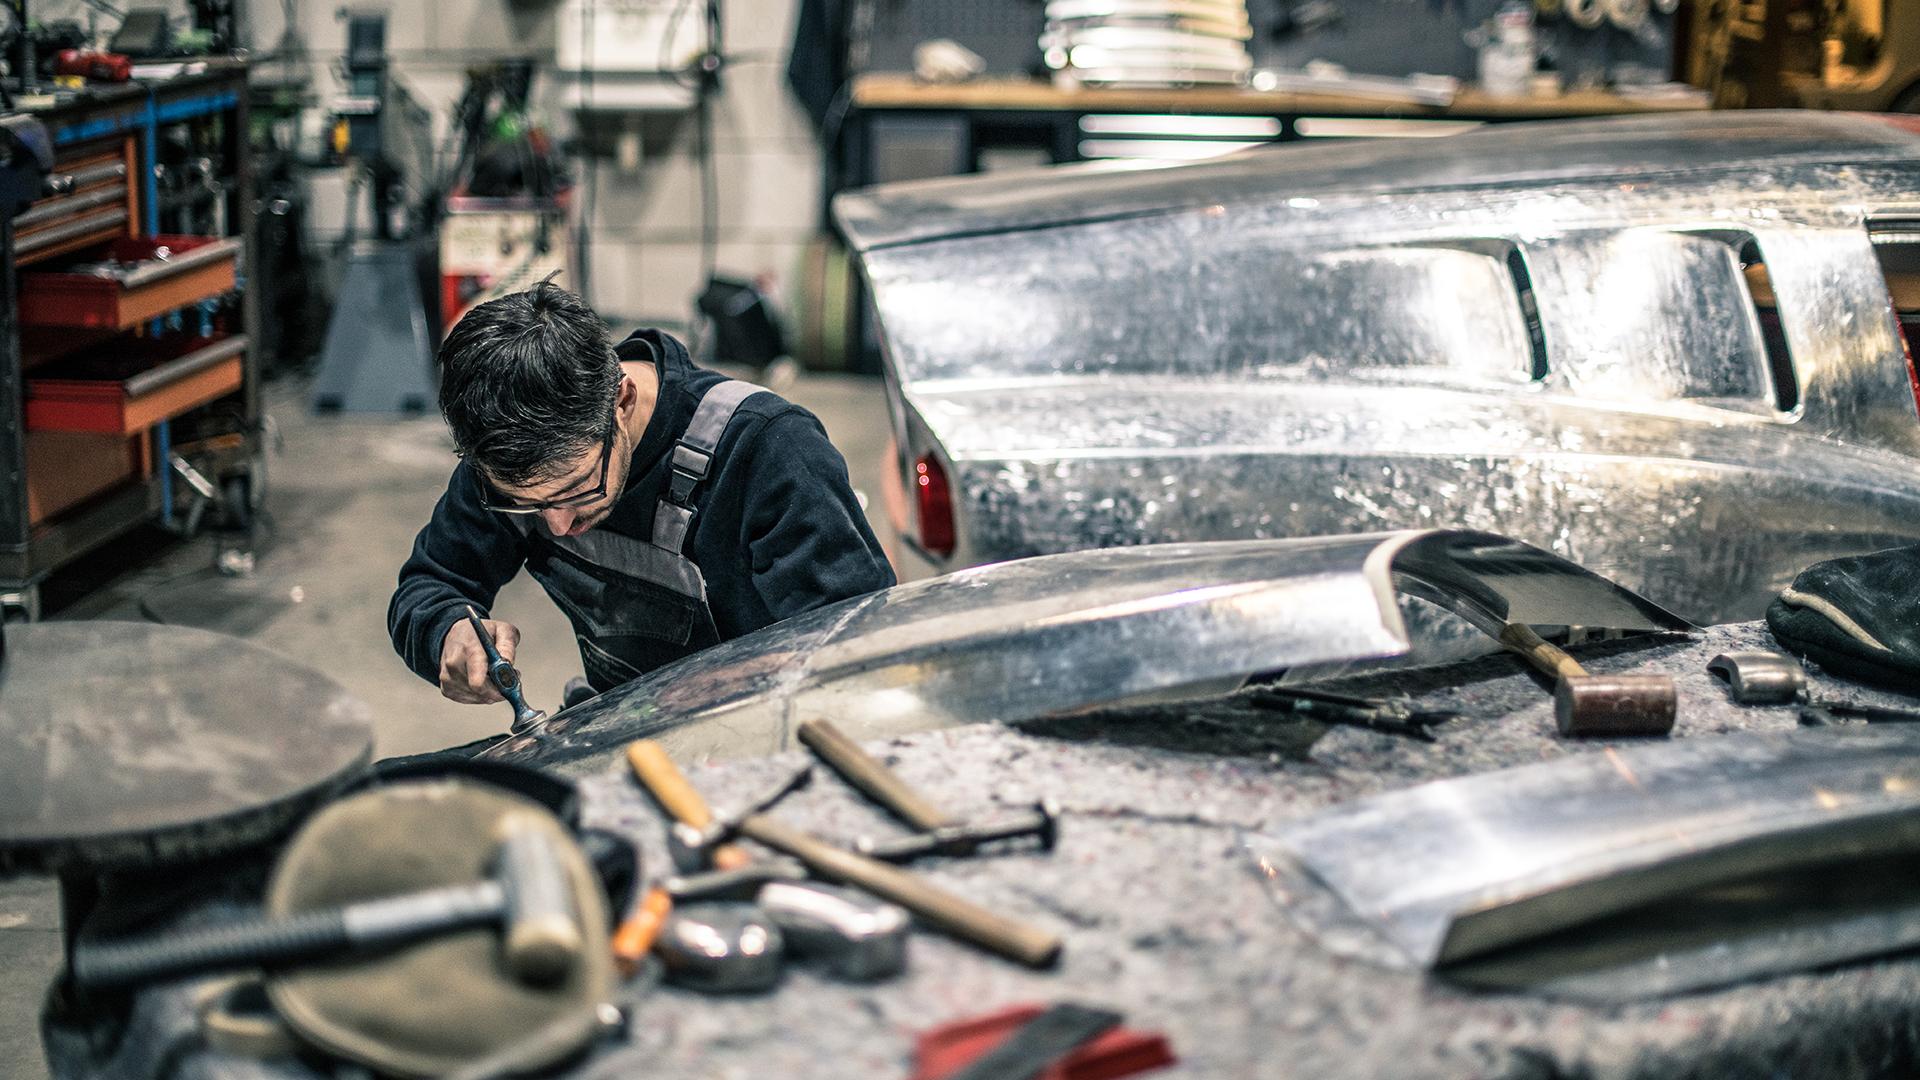 Breadvan body work rear shape